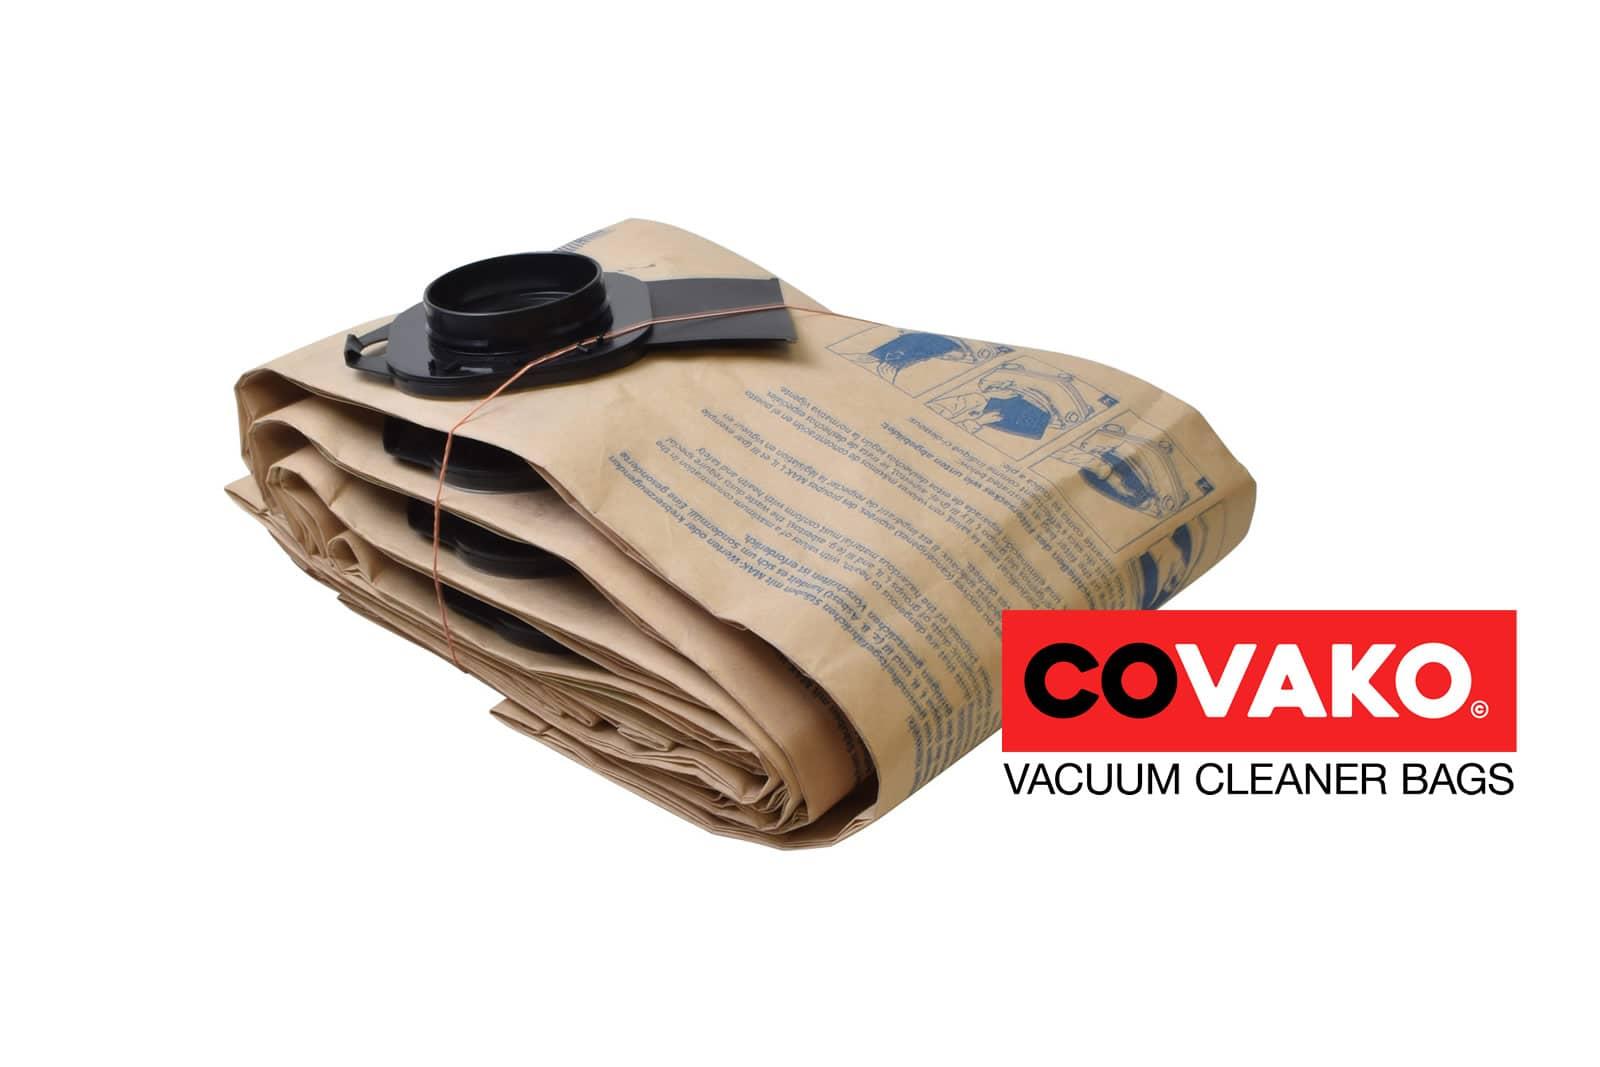 Makita 441 / Papier - Makita sacs d'aspirateur